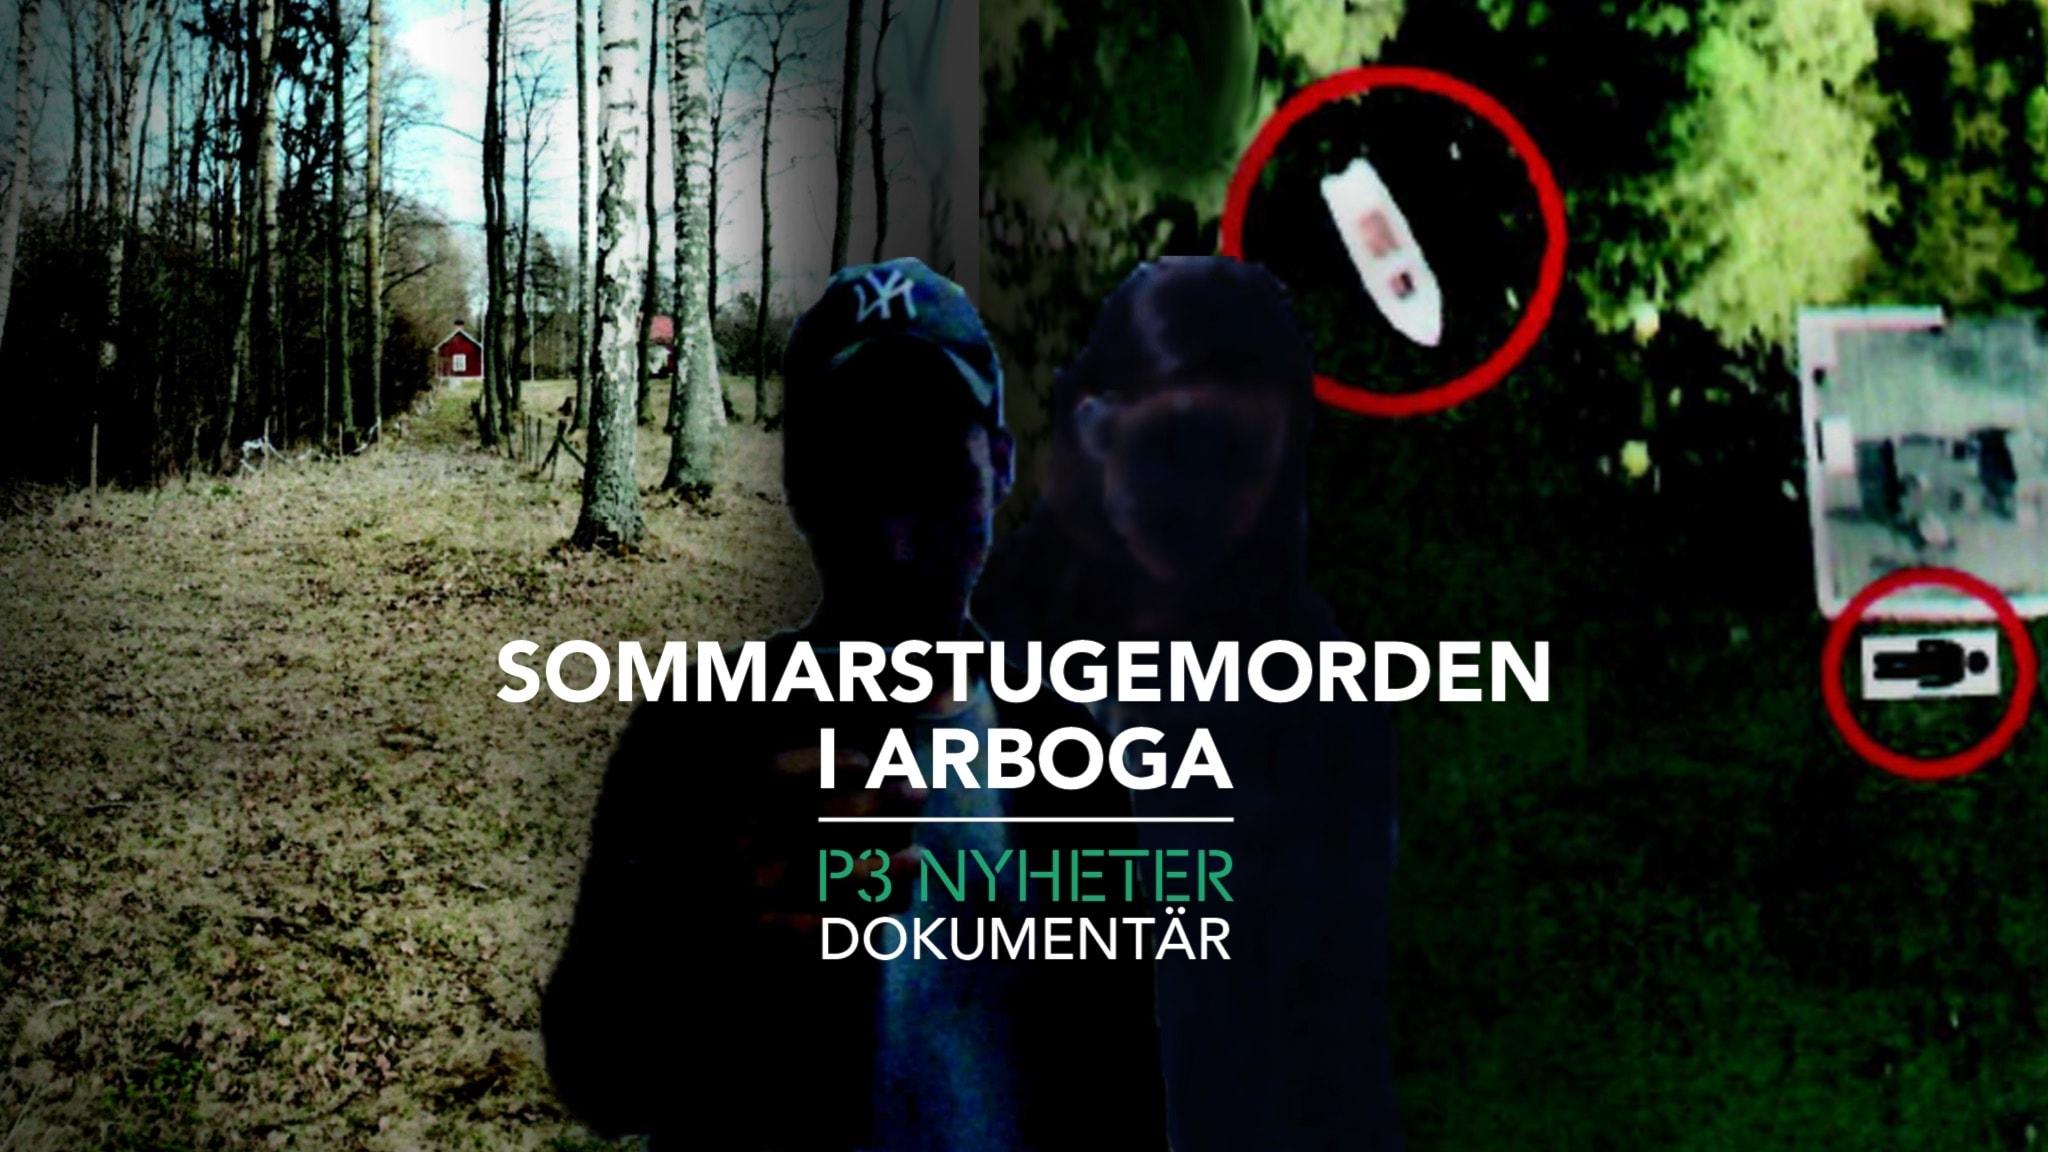 Sommarstugemorden i Arboga - P3 Nyheter Dokumentär